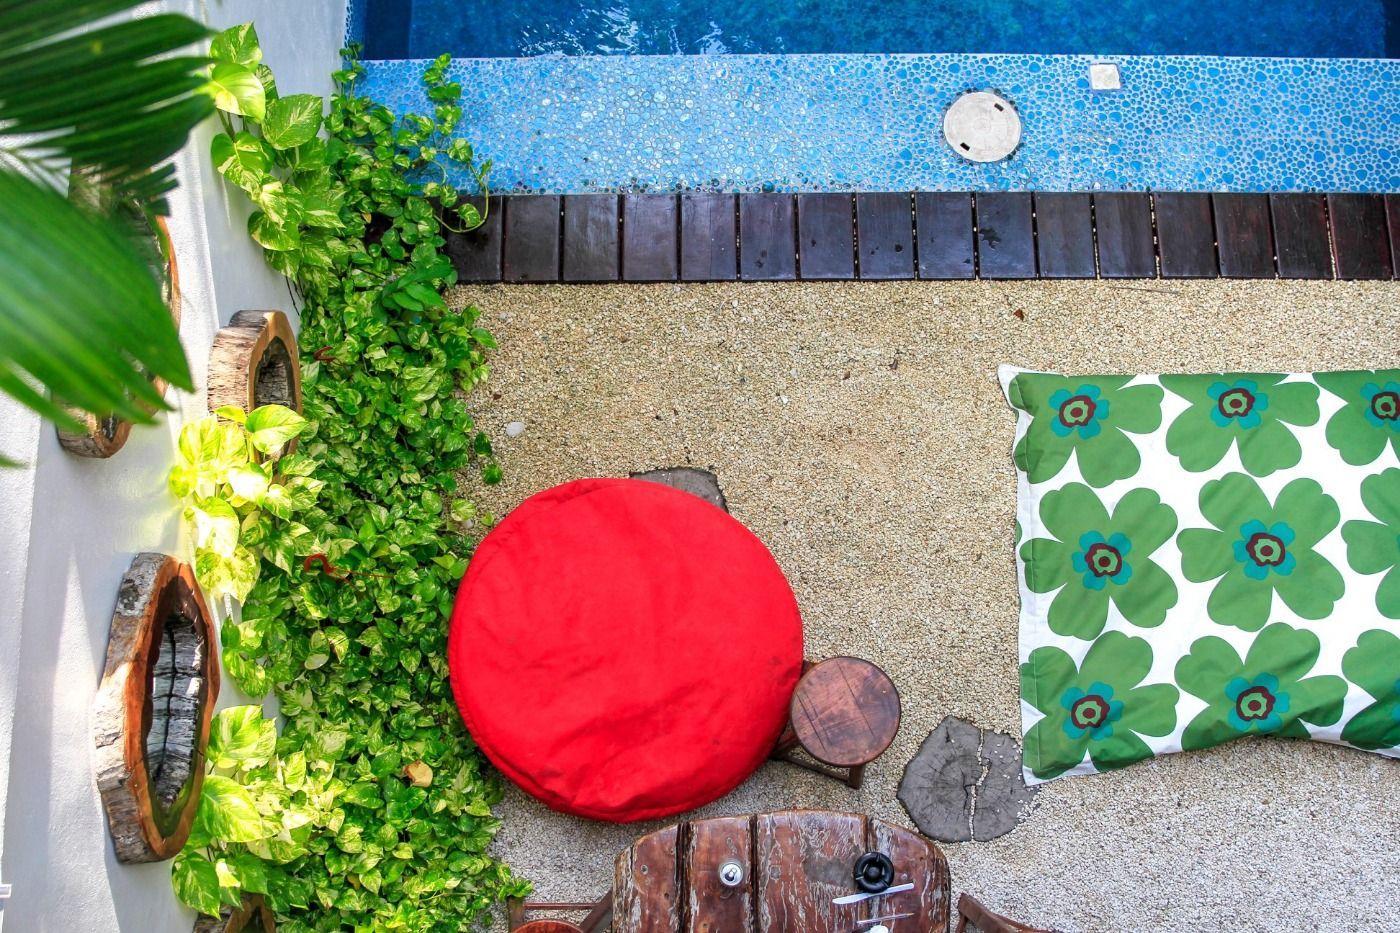 Se vende Hotel Ecológico Boutique en centro de Playa del Carmen